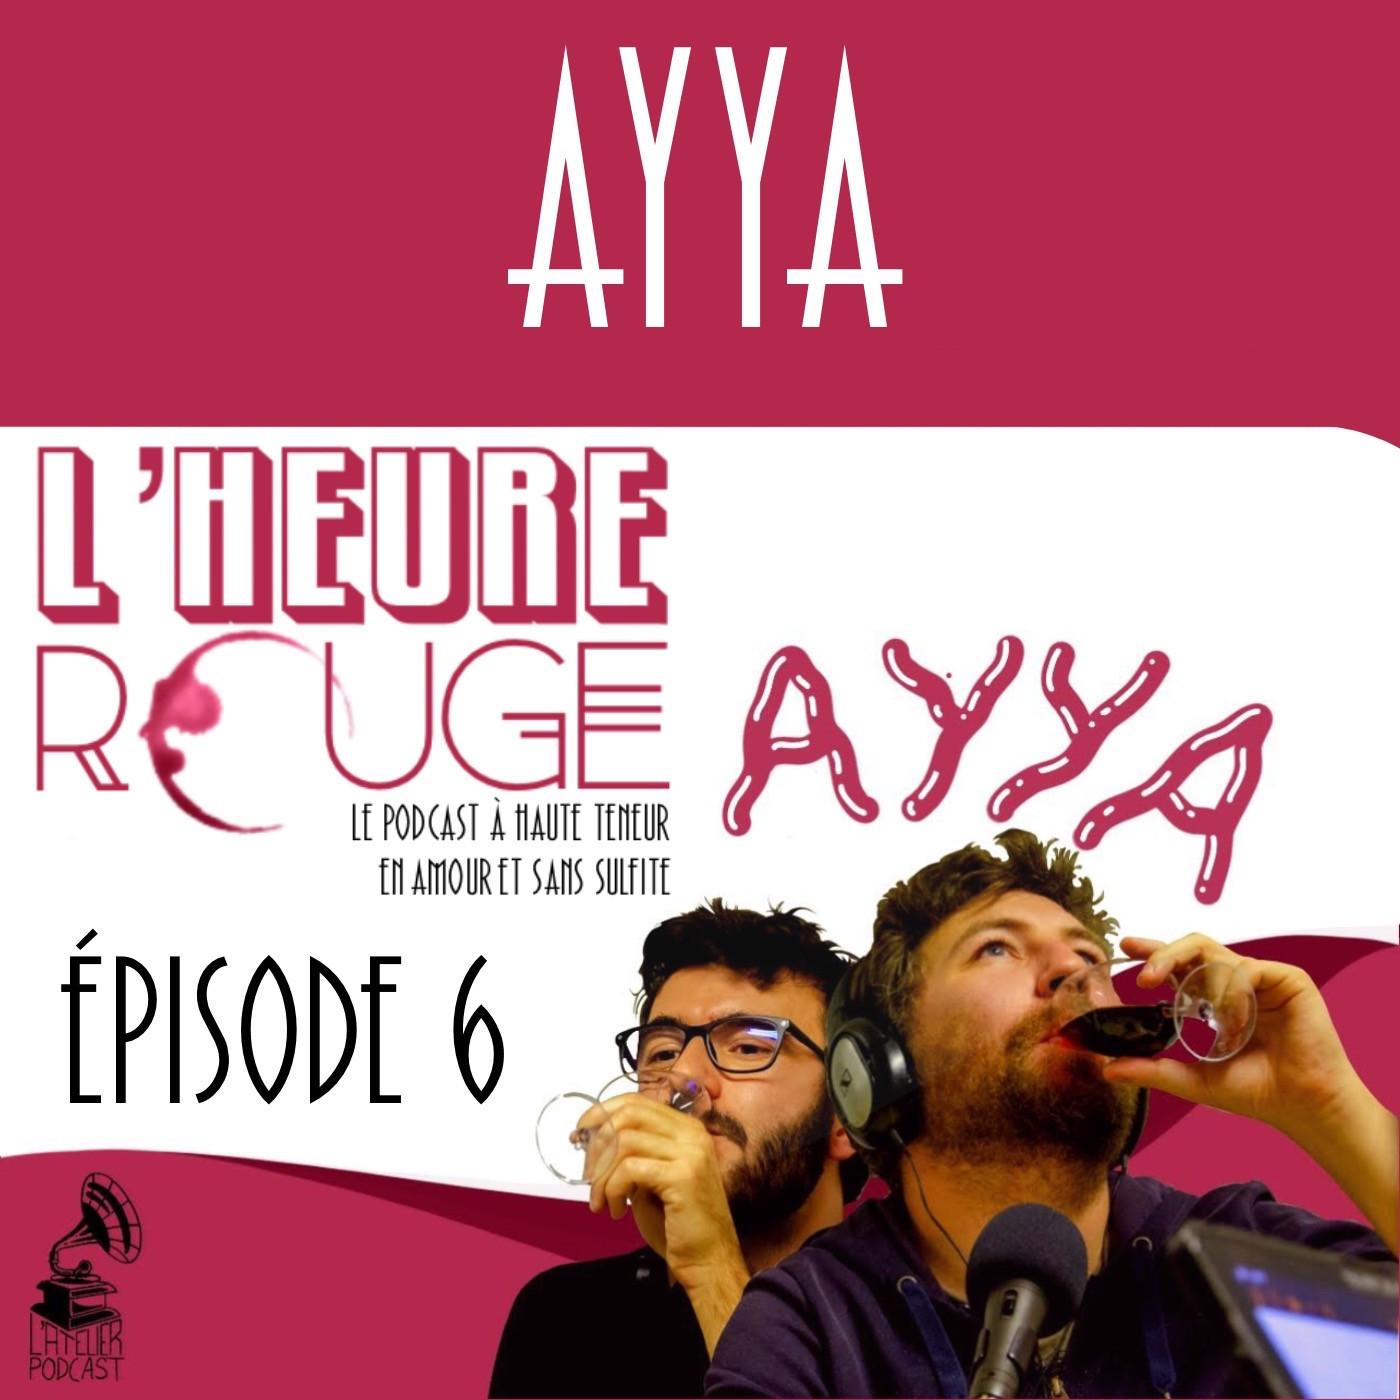 Episode 6 - AYYA